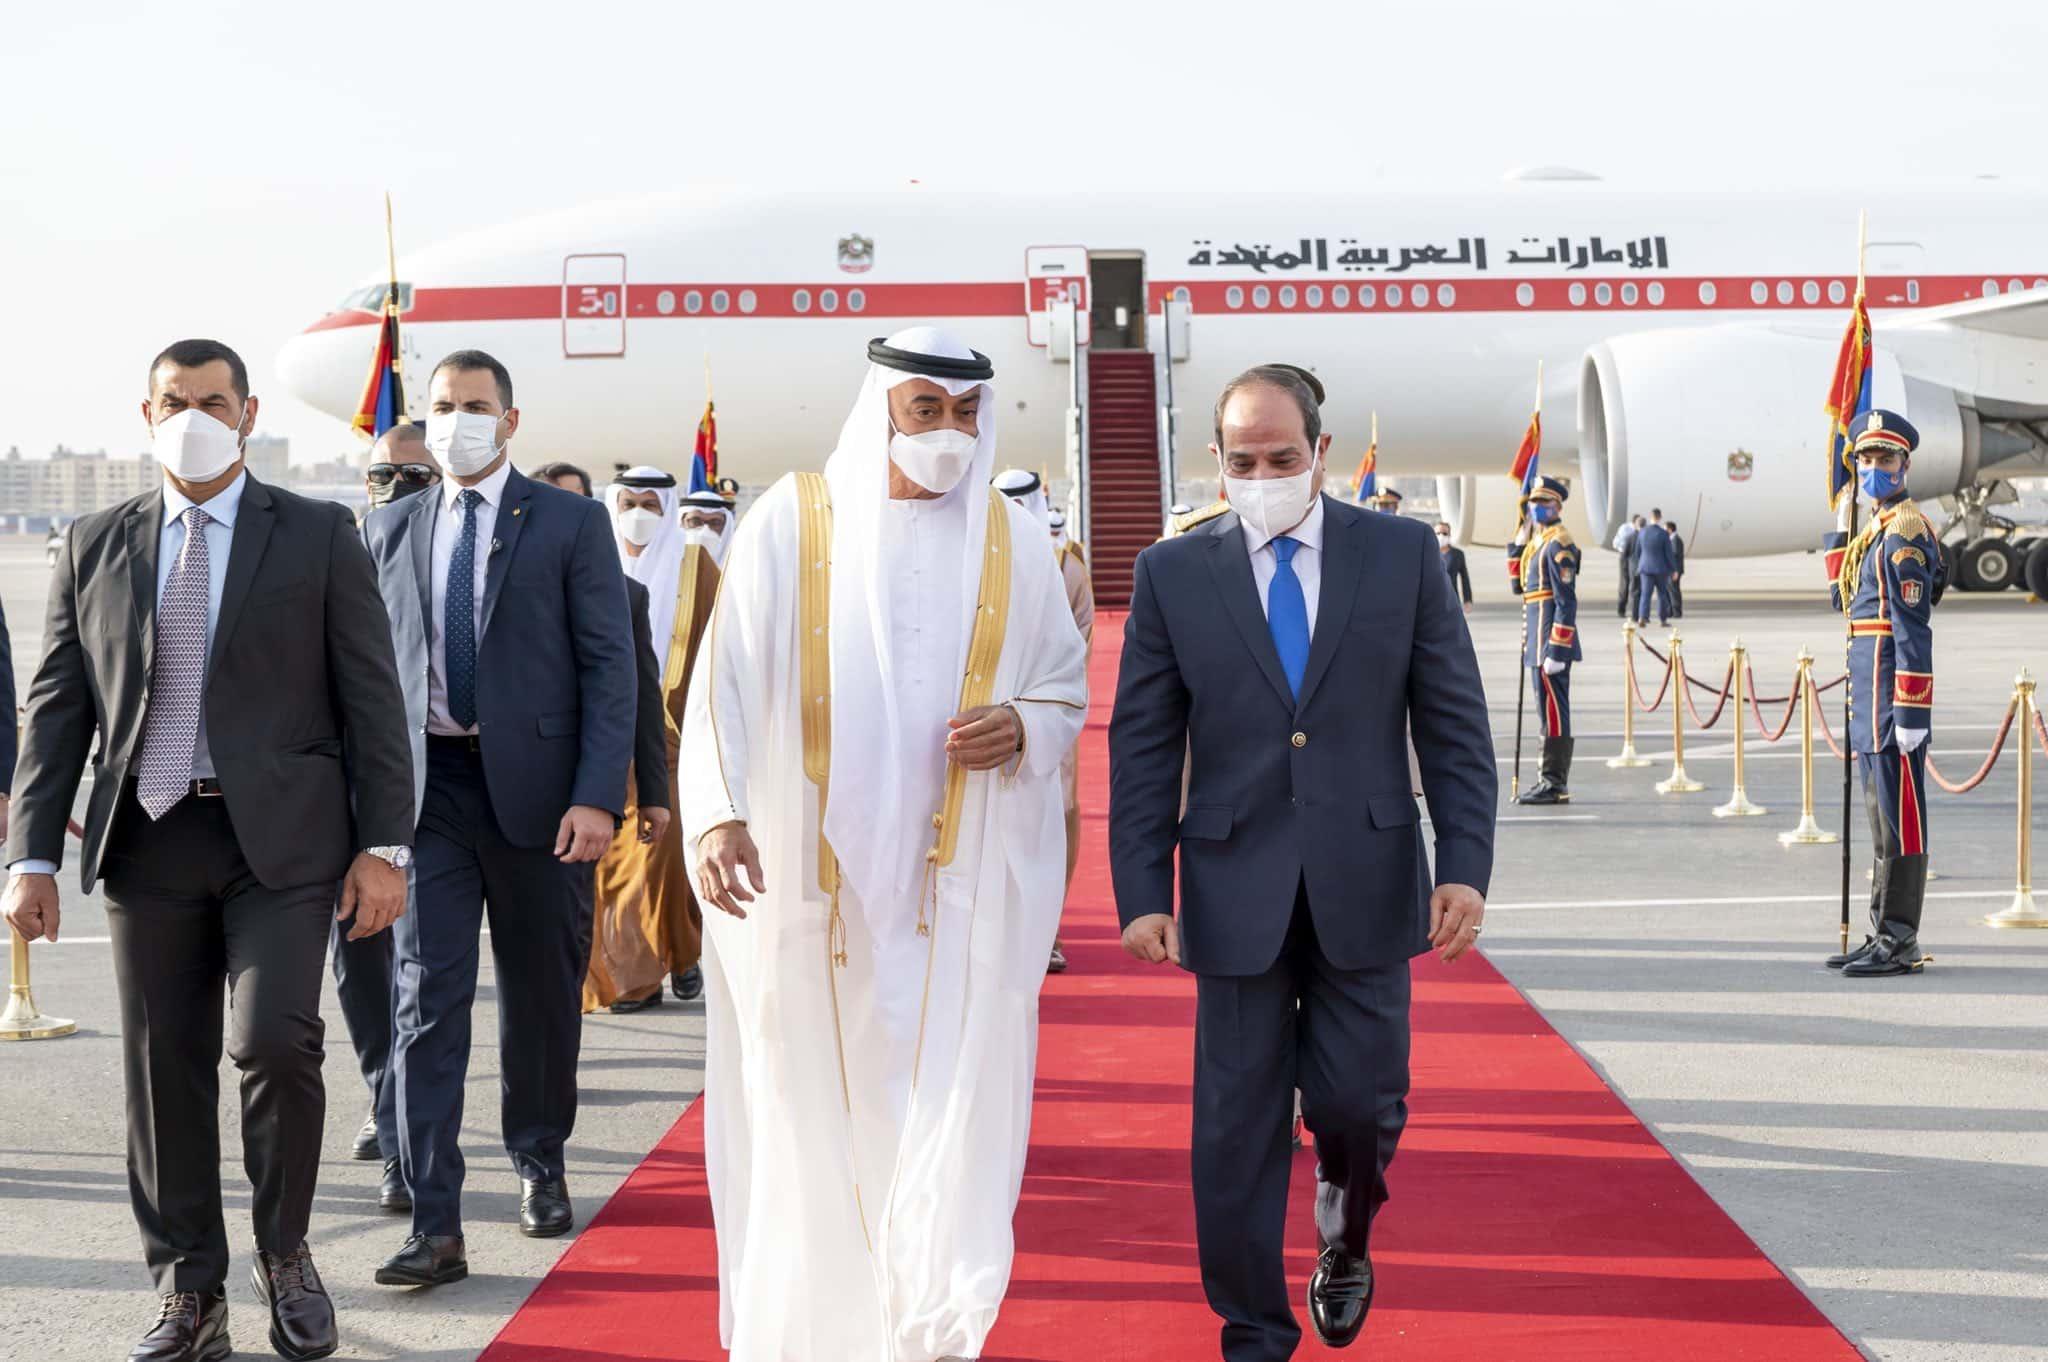 حقيقة وقوف الإمارات وراء تمويل سد النهضة.. المشادة الكلامية في البرلمان المصري لم تكن عفوية وهذه التفاصيل